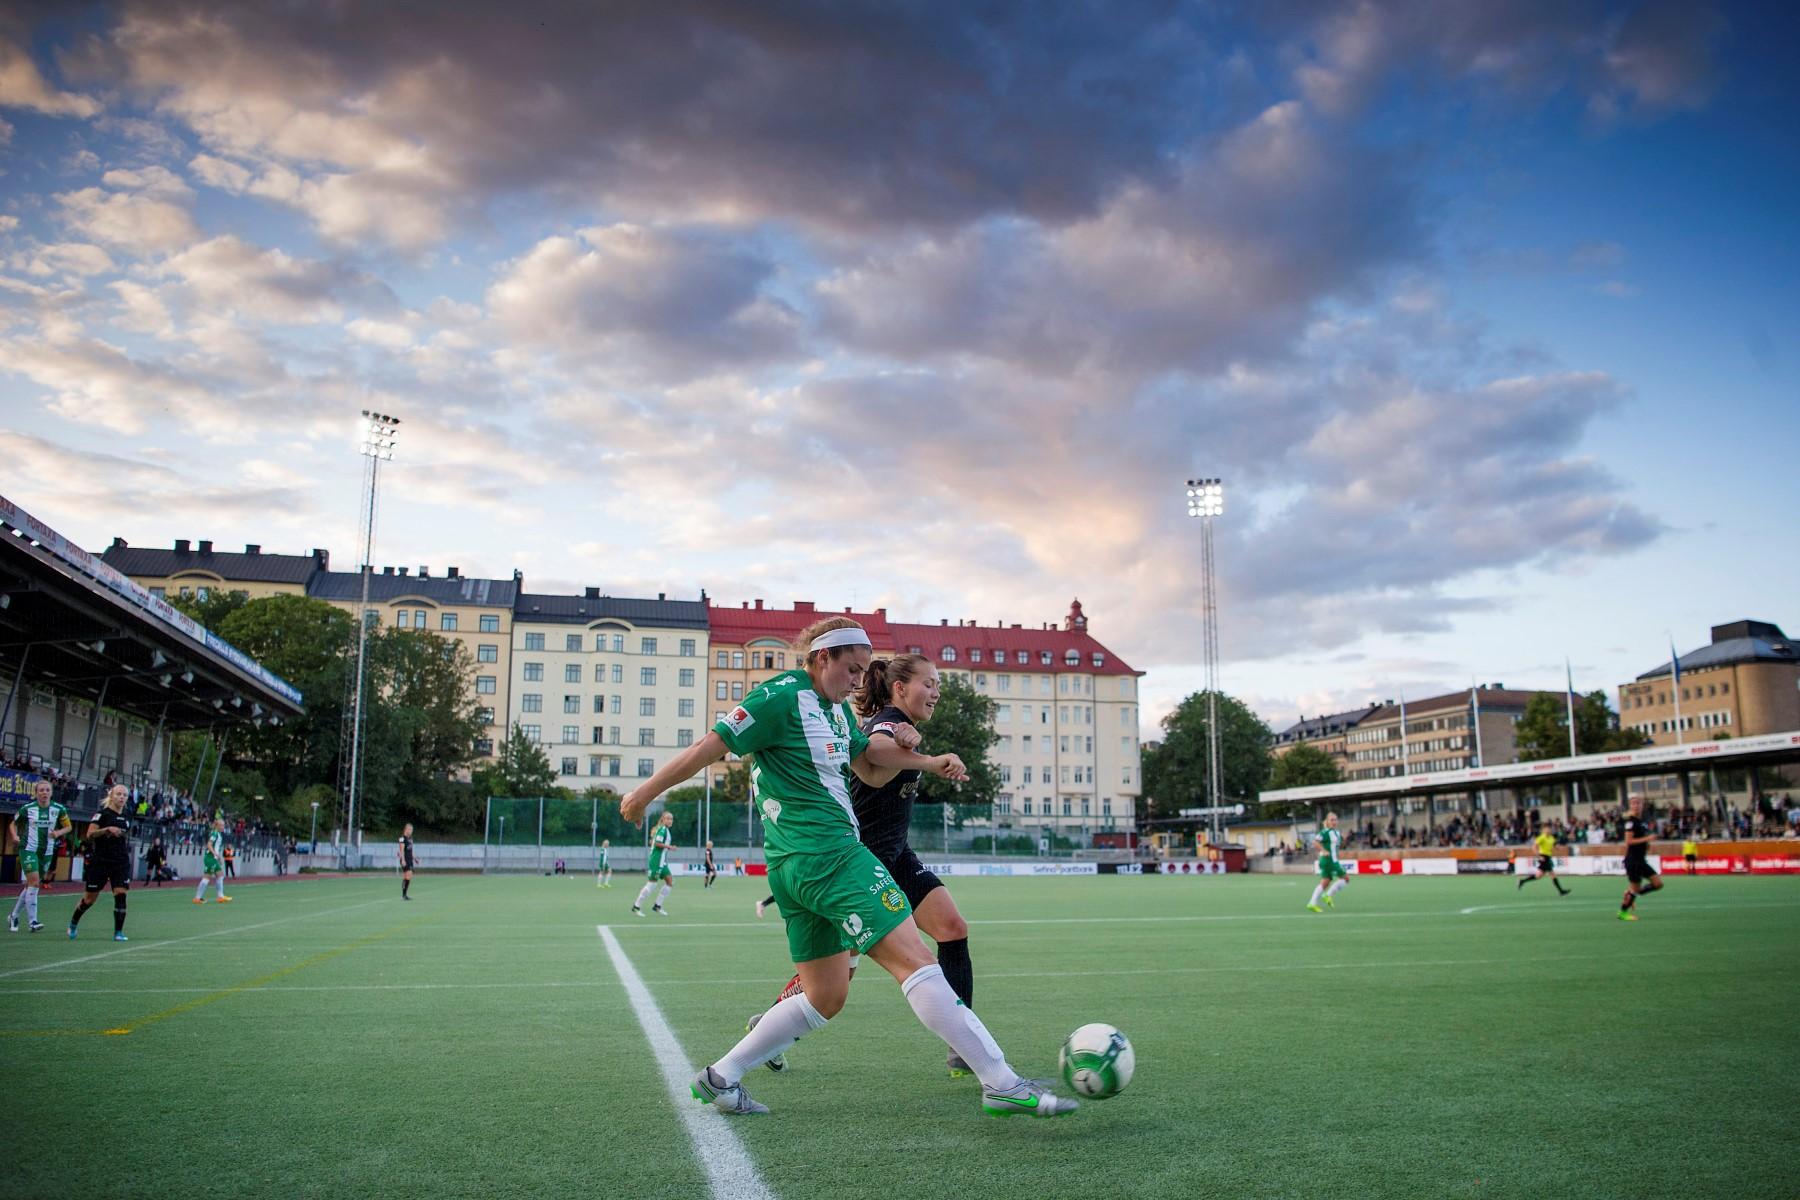 23 augusti, HIF-K/Göteborg 0-0 Bajen fortsatte visserligen att ta poäng, men det var fortfarande oroväckande uddlöst framåt. Närmast här var Filippa Angeldahls stolpträff, inför 656 på Zinkensdamm. (Peter Jonsson) Ekblom: En av våra sämre matcher under säsongen.